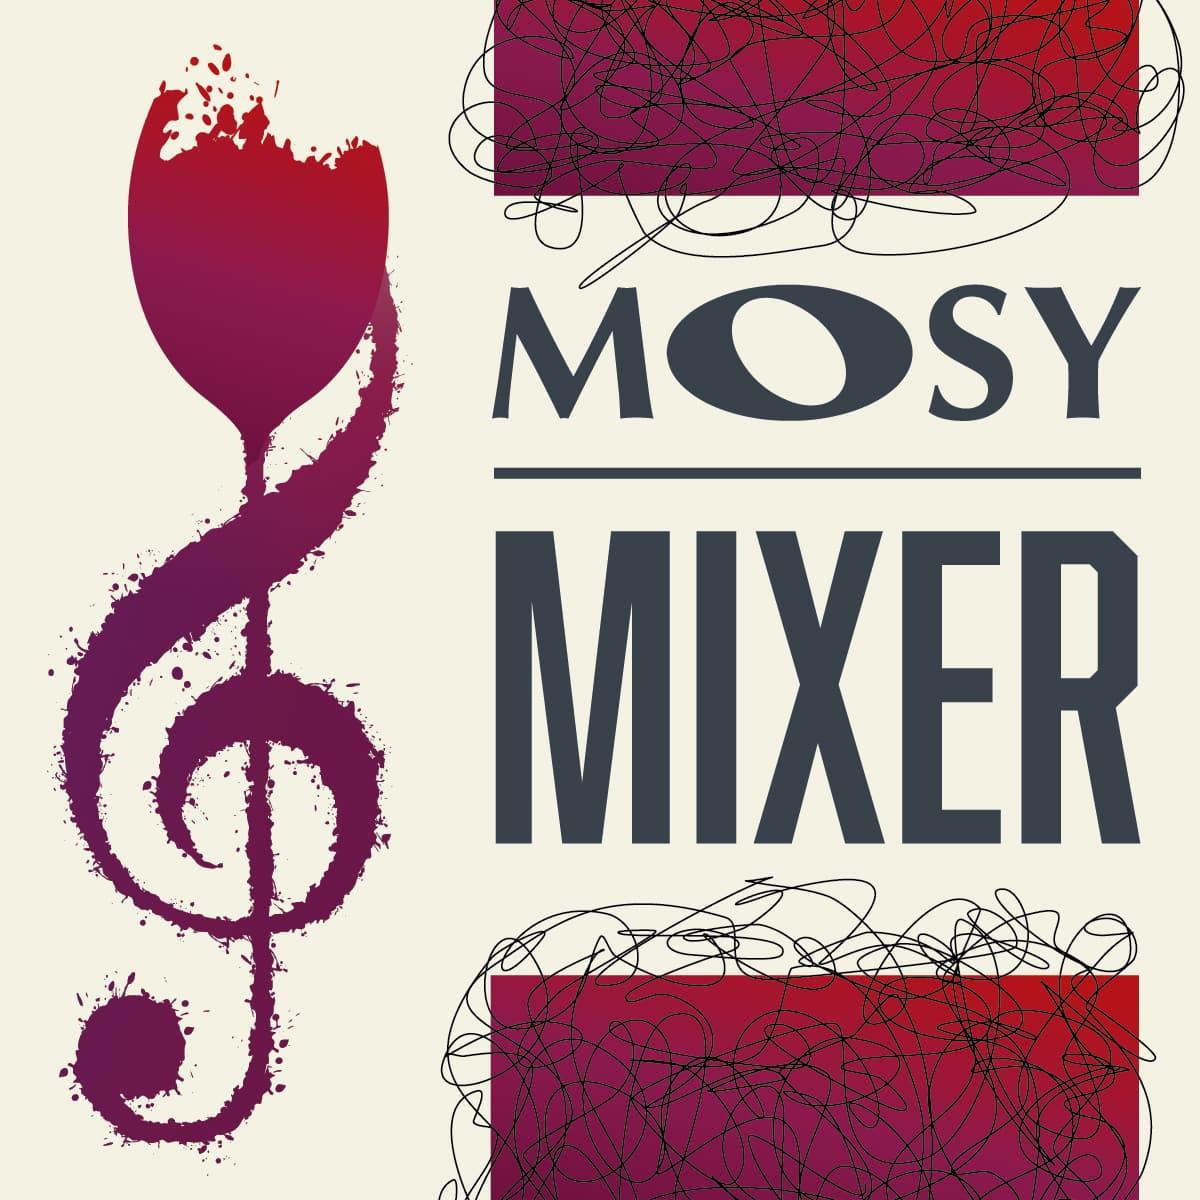 MOSY Mixer Flyer